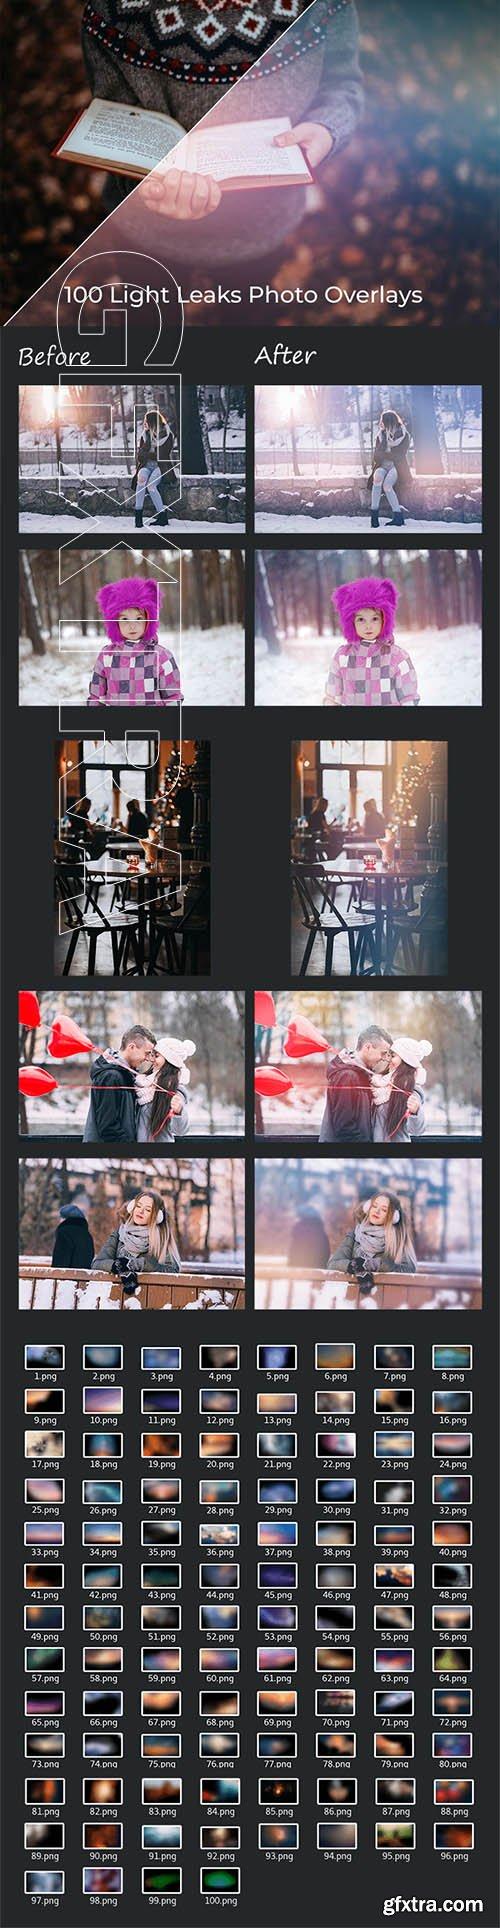 100 Light Leaks Photo Overlays